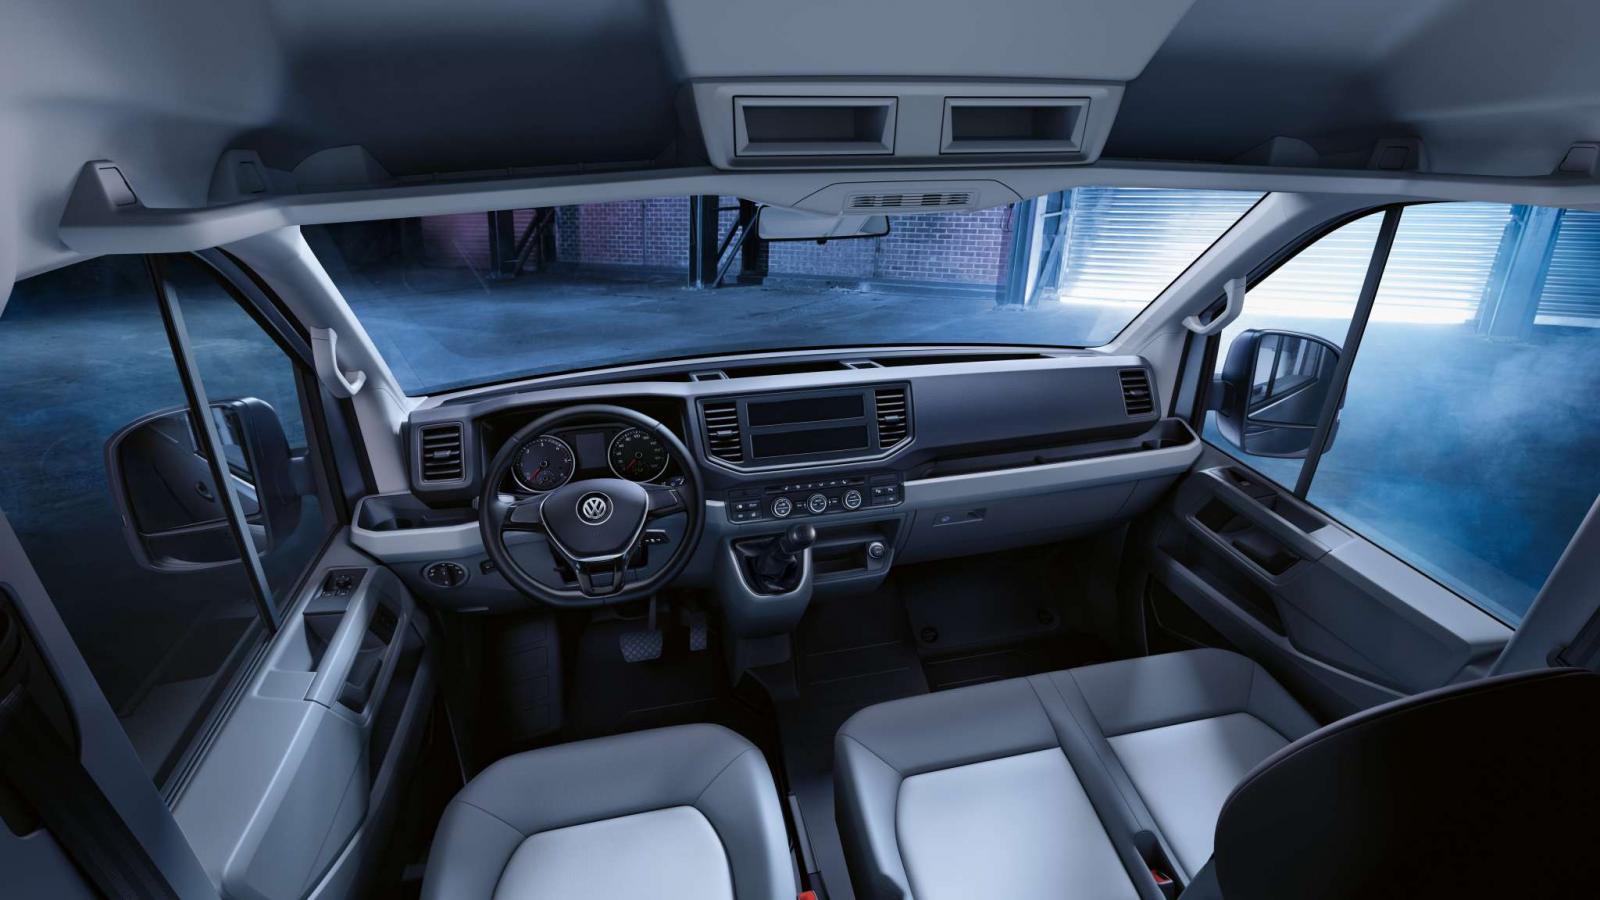 La cabina de la Volkswagen Crafter 4.9T 2020 precio destaca por su versatilidad